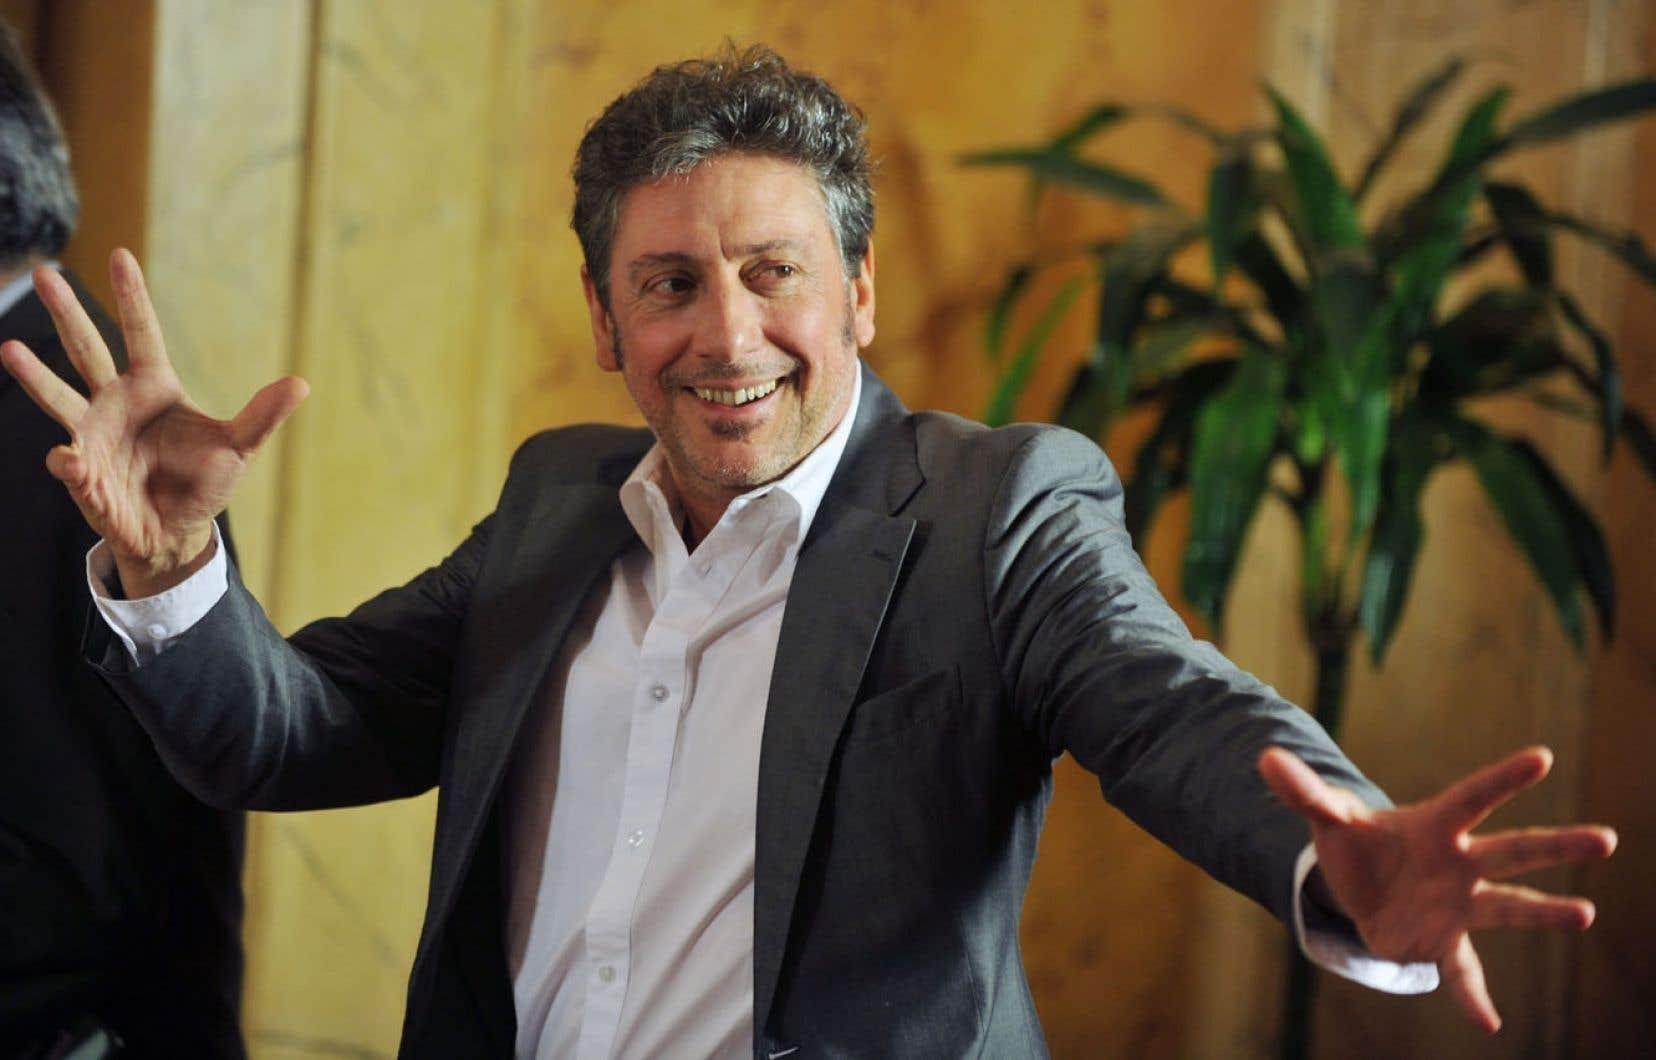 Du réalisateur, scénariste, acteur italien, on aime sa dégaine, son charisme, sa justesse, sa profondeur tapie sous le sourire en coin.